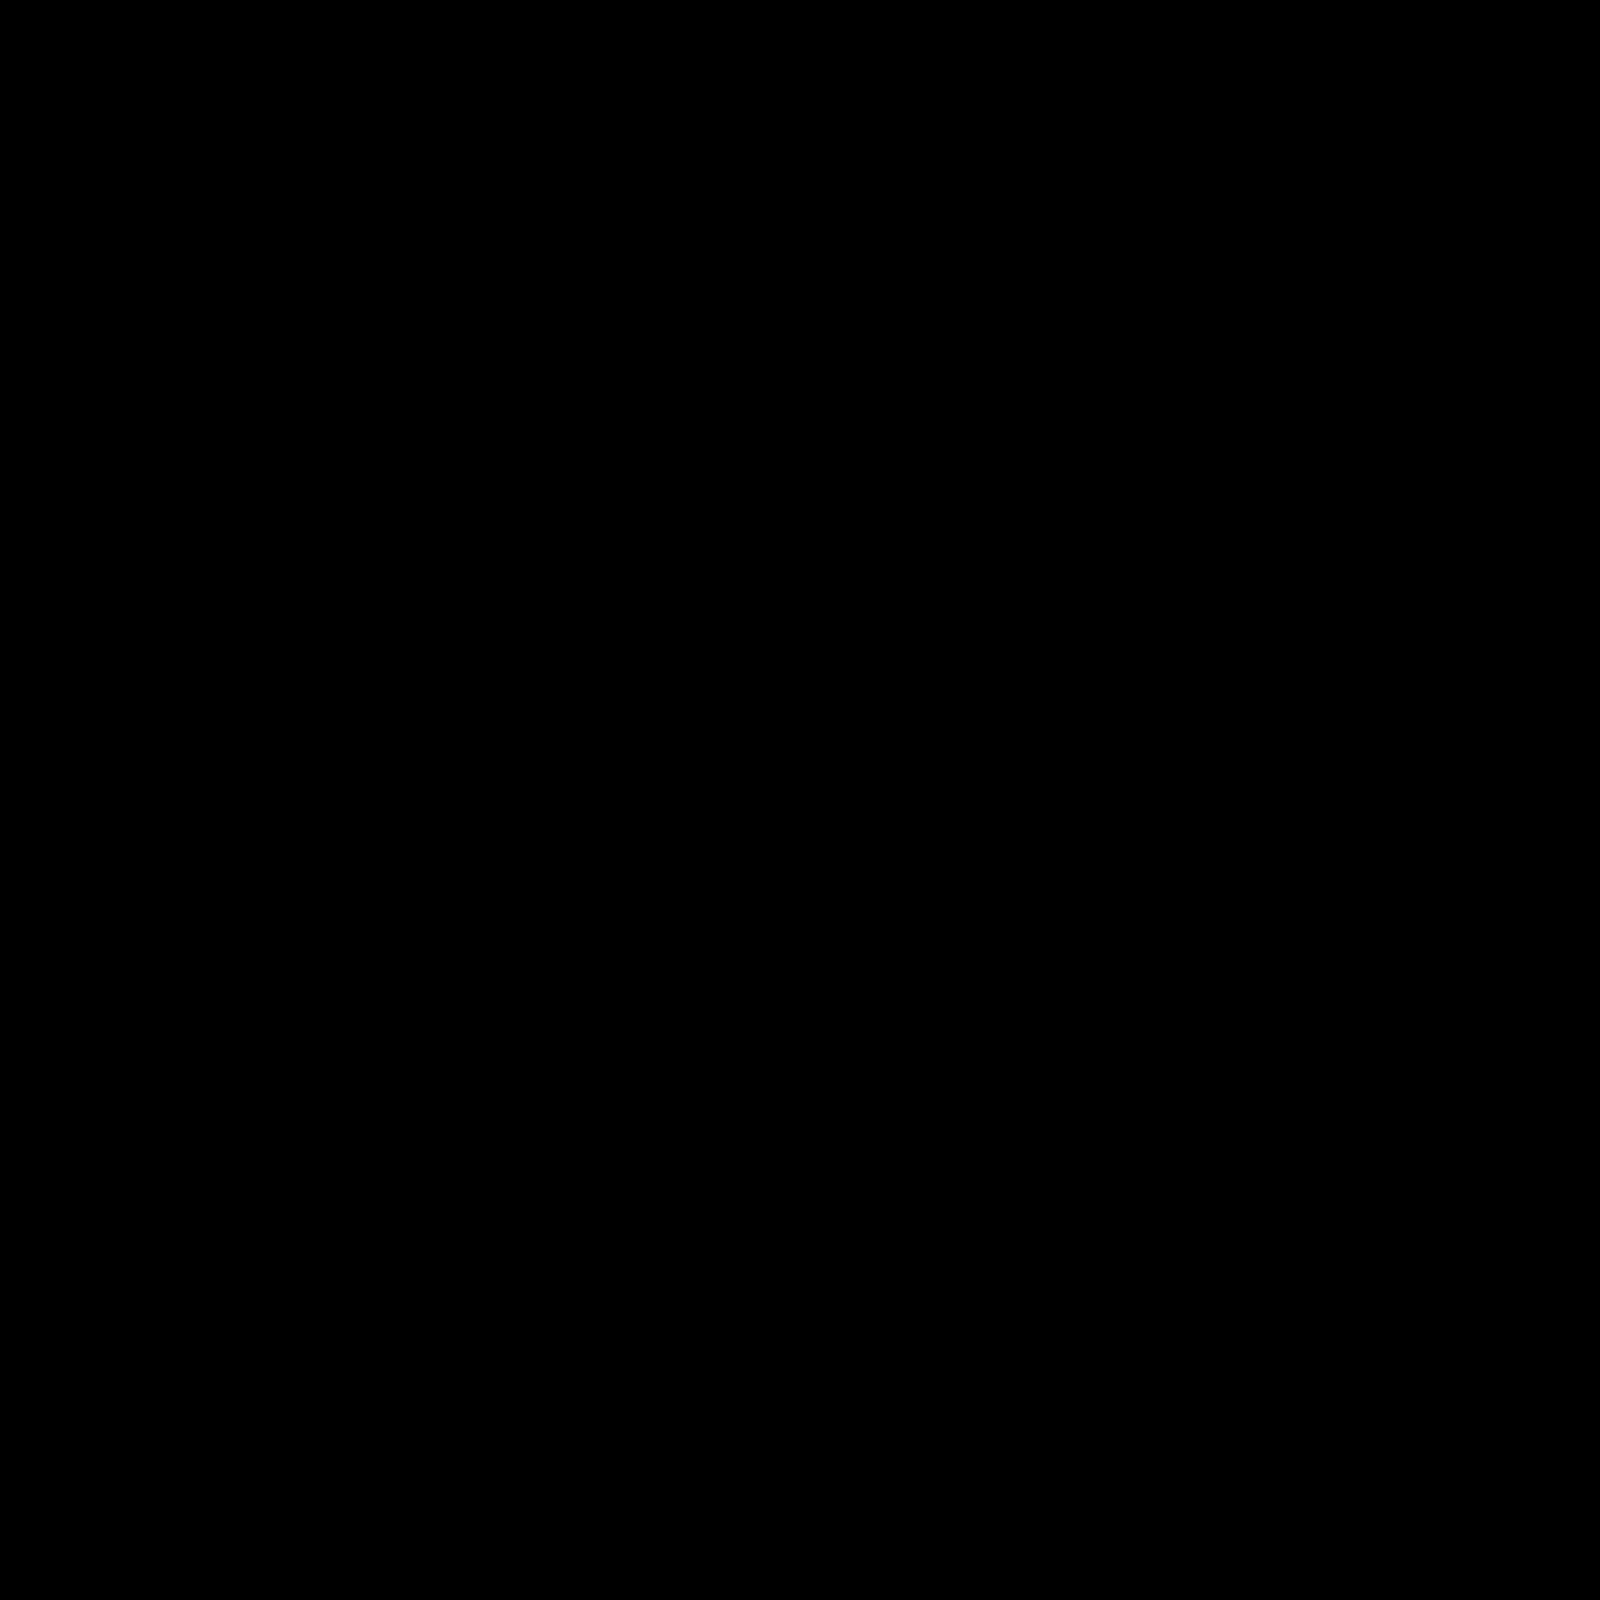 喜剧 icon. The comedy icon is a face that looks similar to an inverted triangle. The two eyes are semi-circle shaped, and filled in black. The mouth is open in a smile, with the corners upturned in an almost half moon shape.